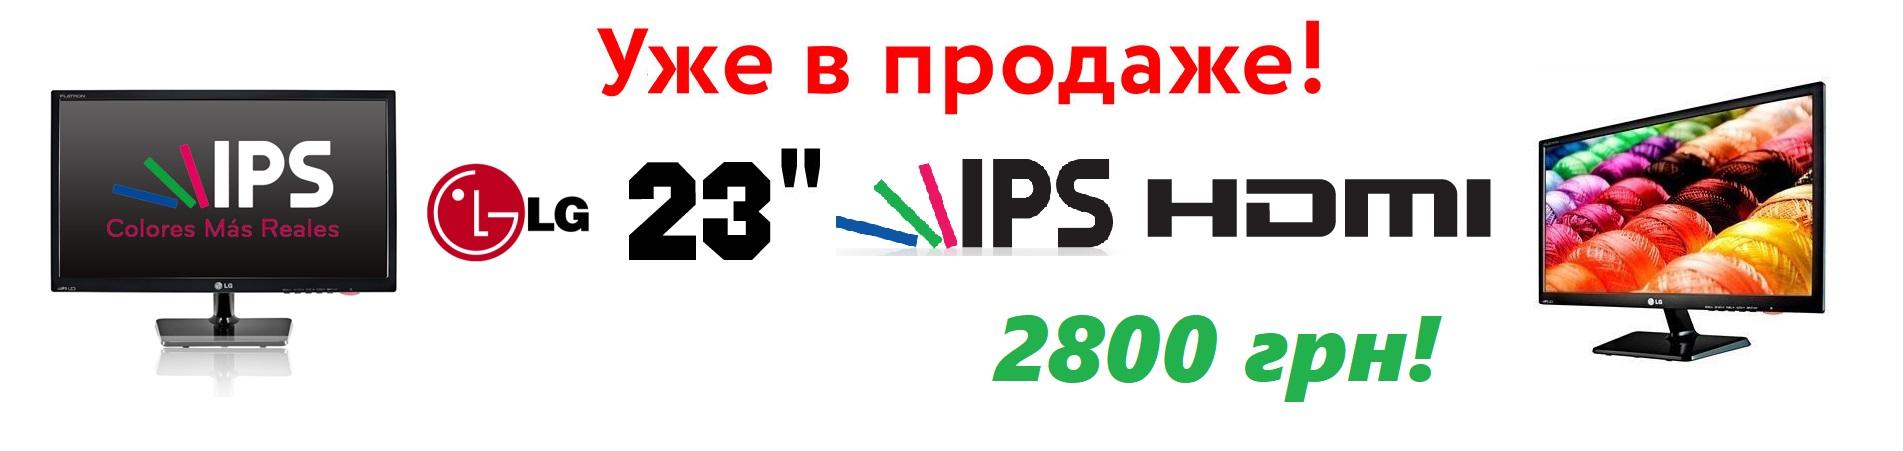 LG ips 23